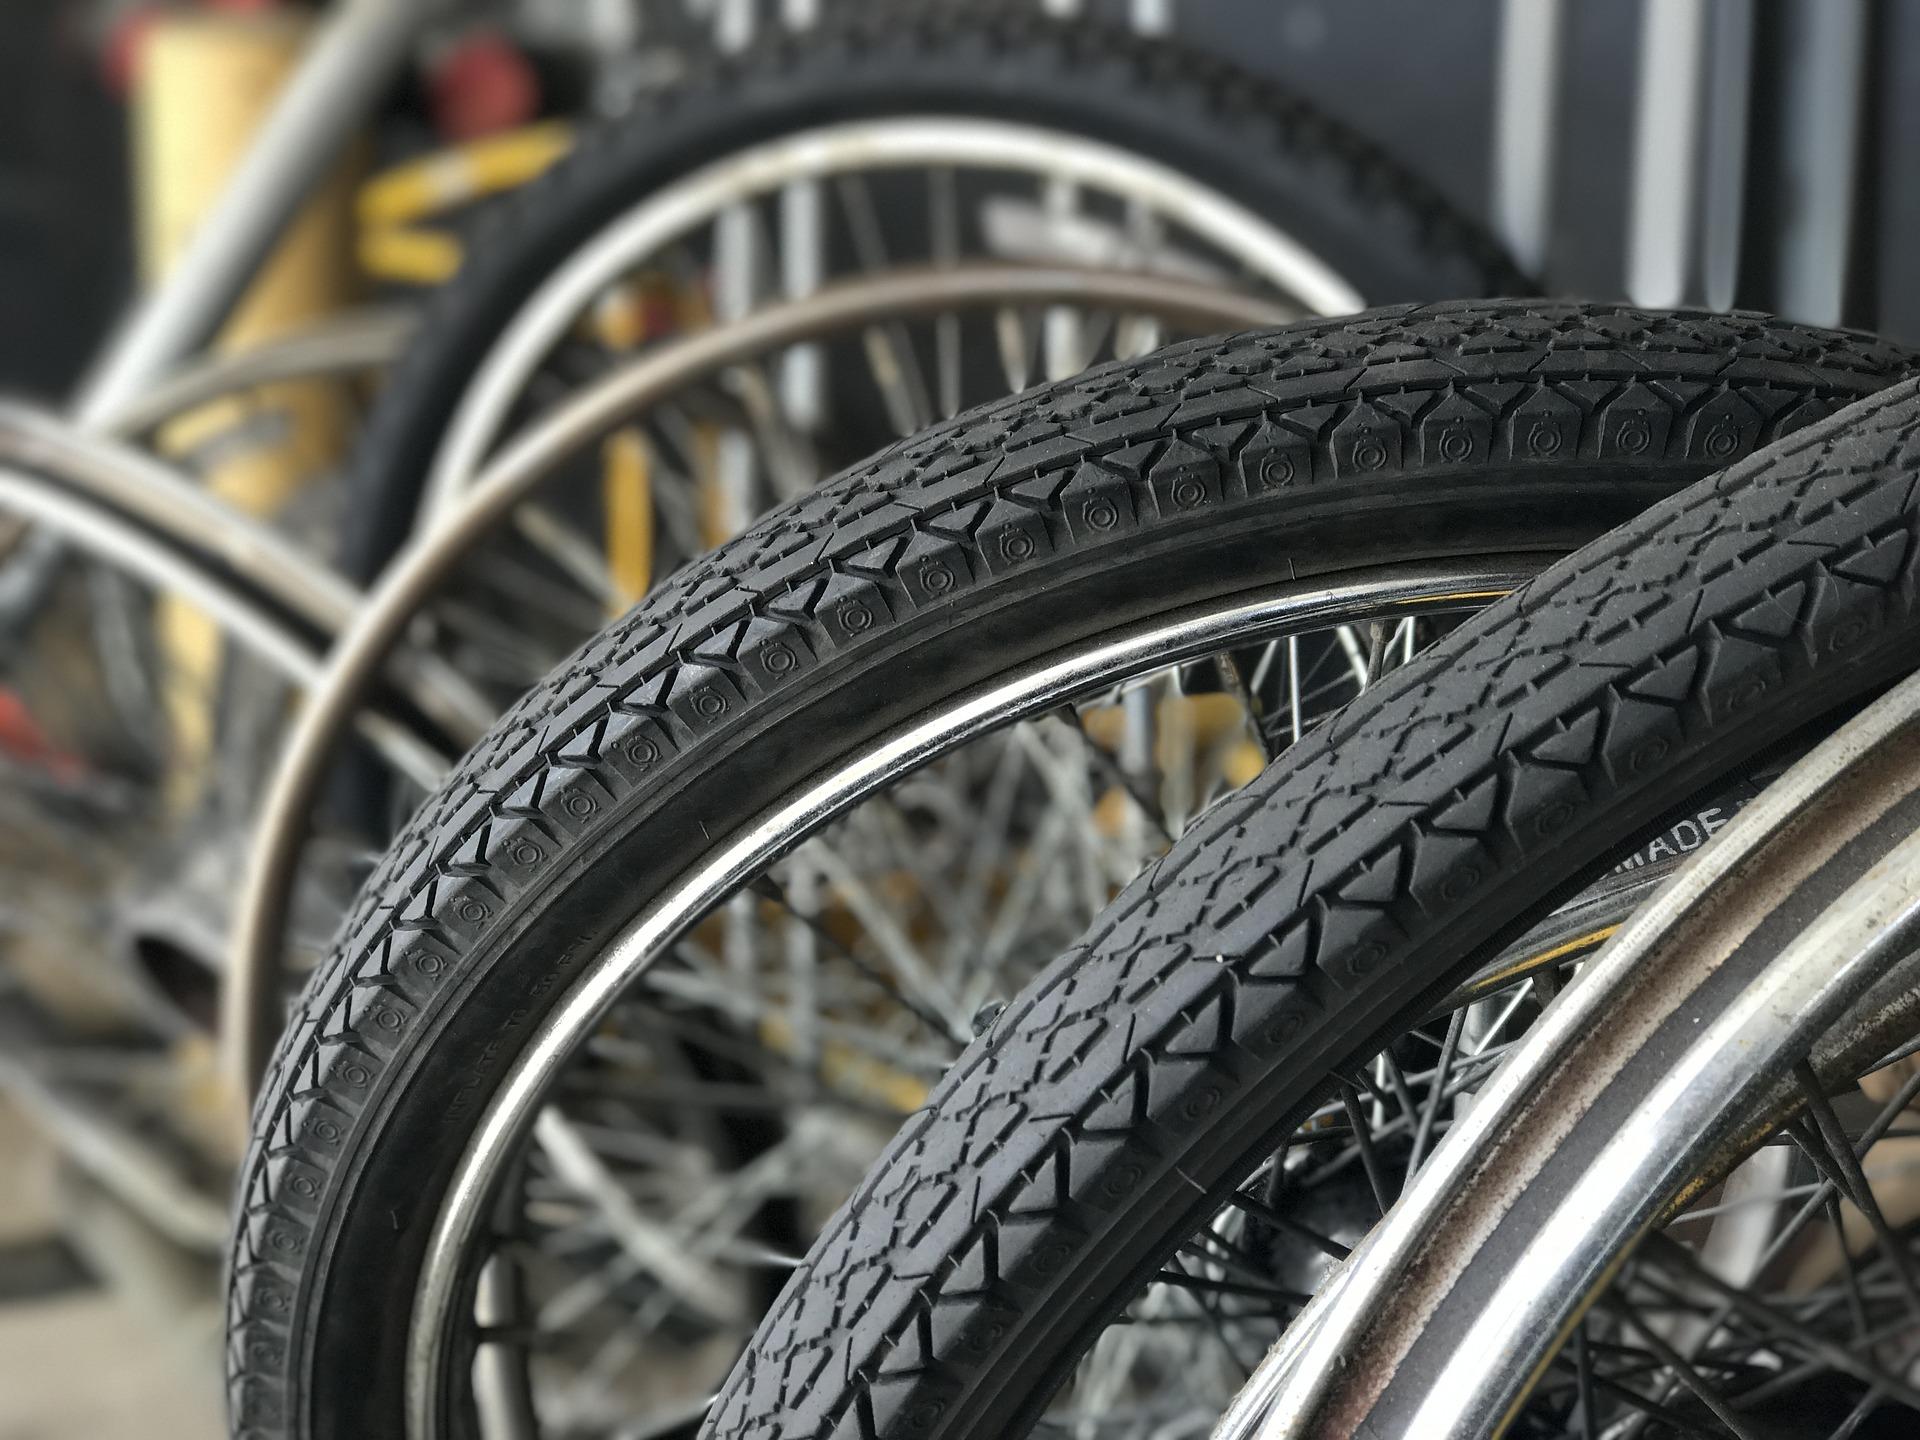 cykel dæk hjul cykelsmed tylubeatz / pixabay